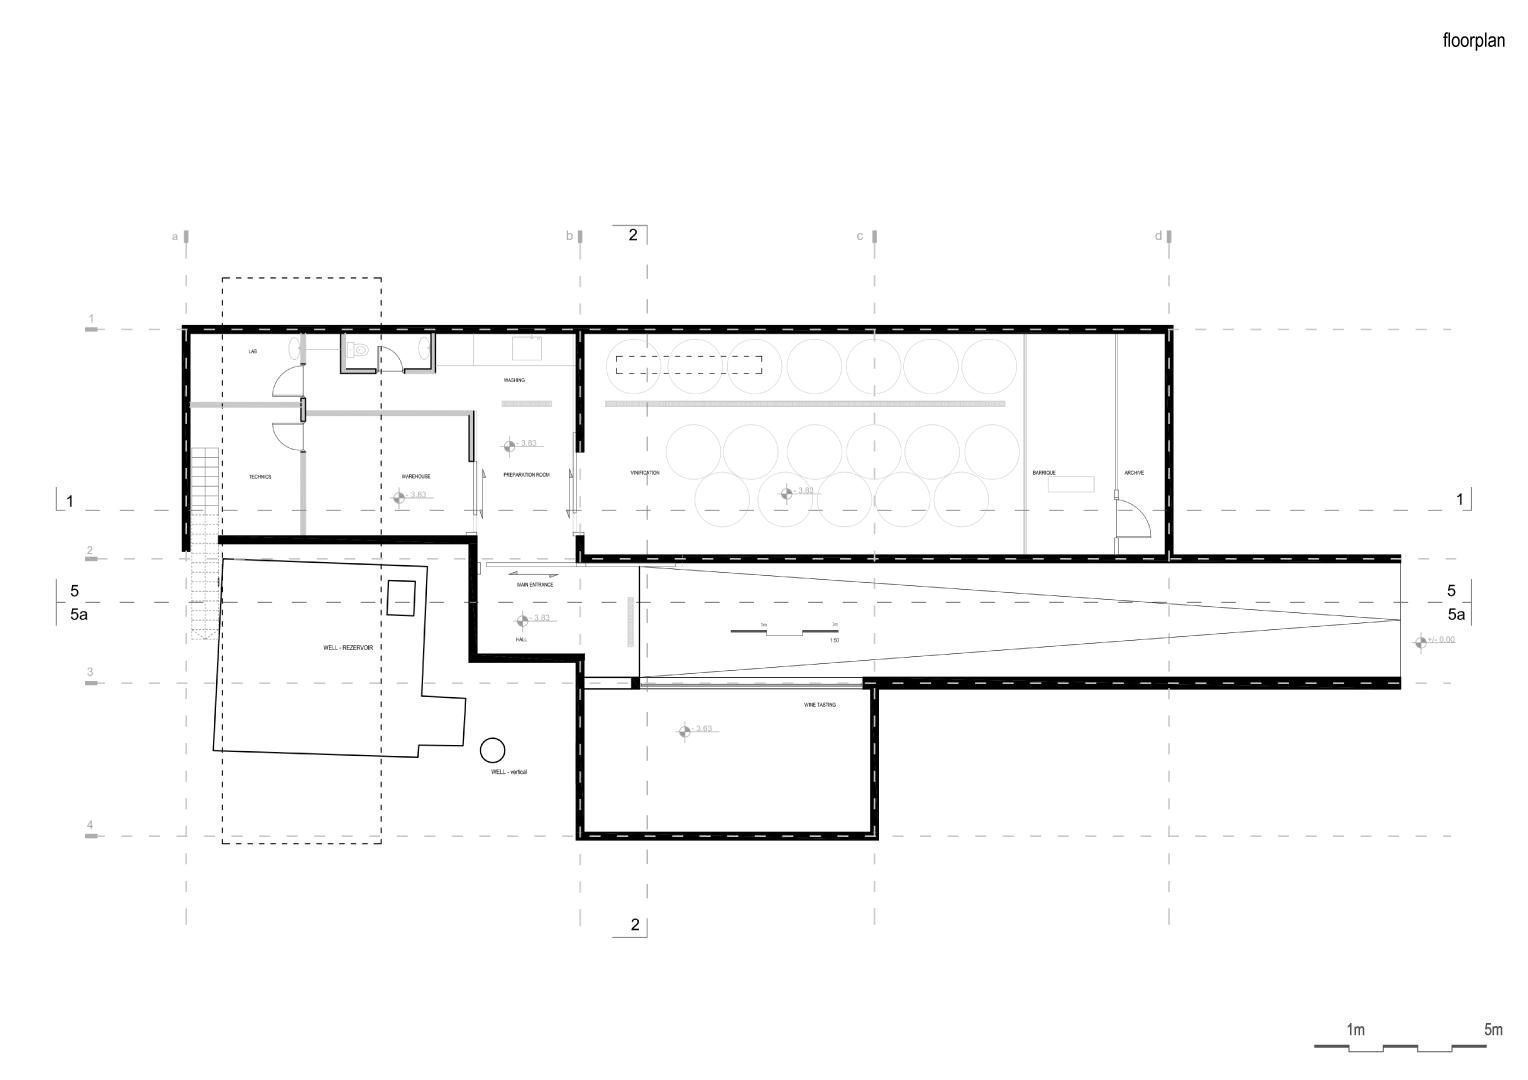 Mola wine cellar rogame podgorica dvarp for Wine cellar floor plans